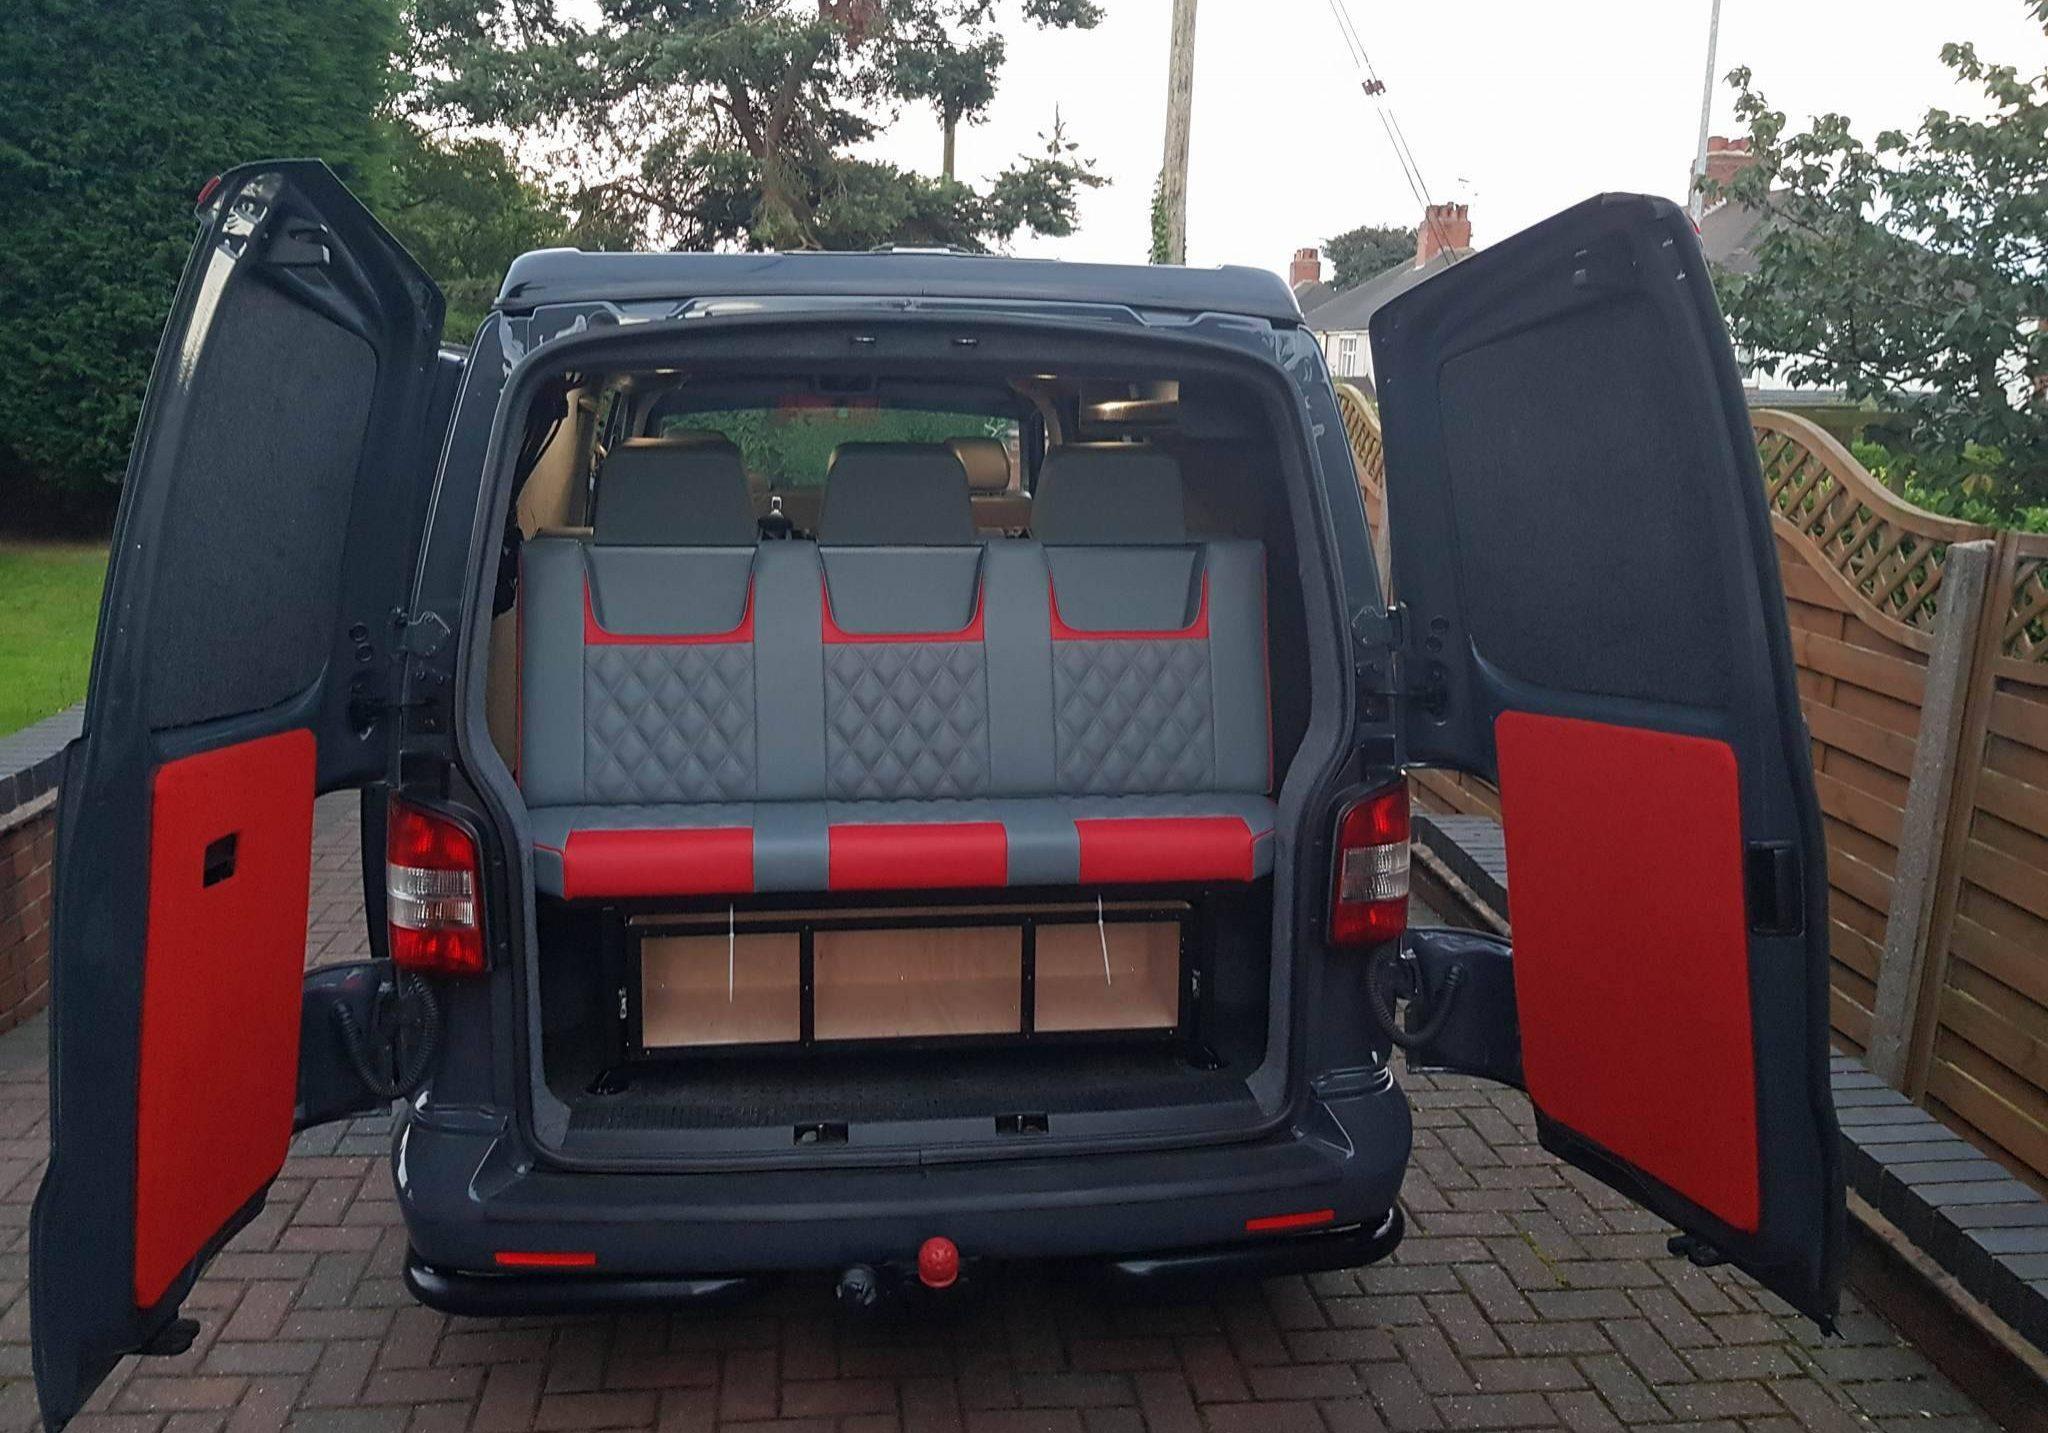 seats in van